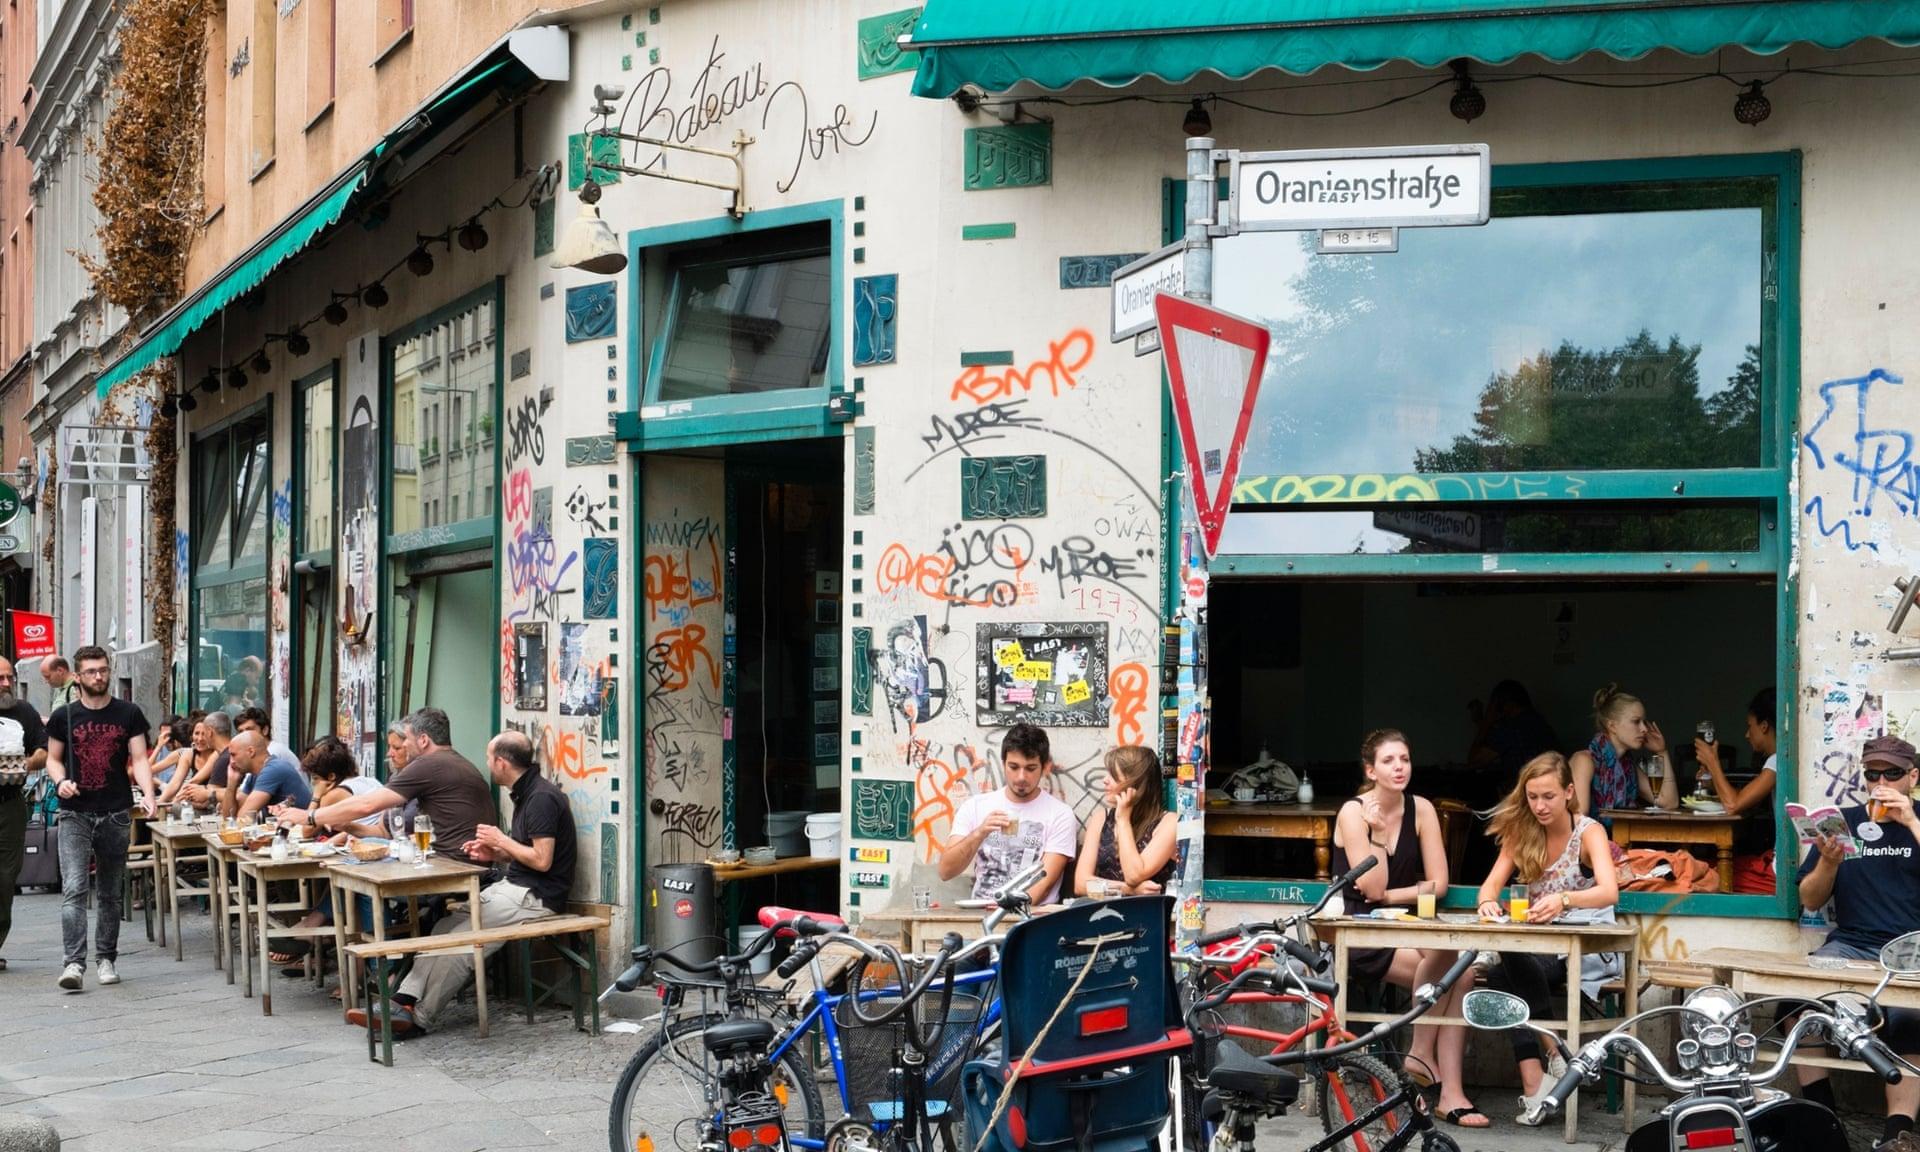 Berlin street scene